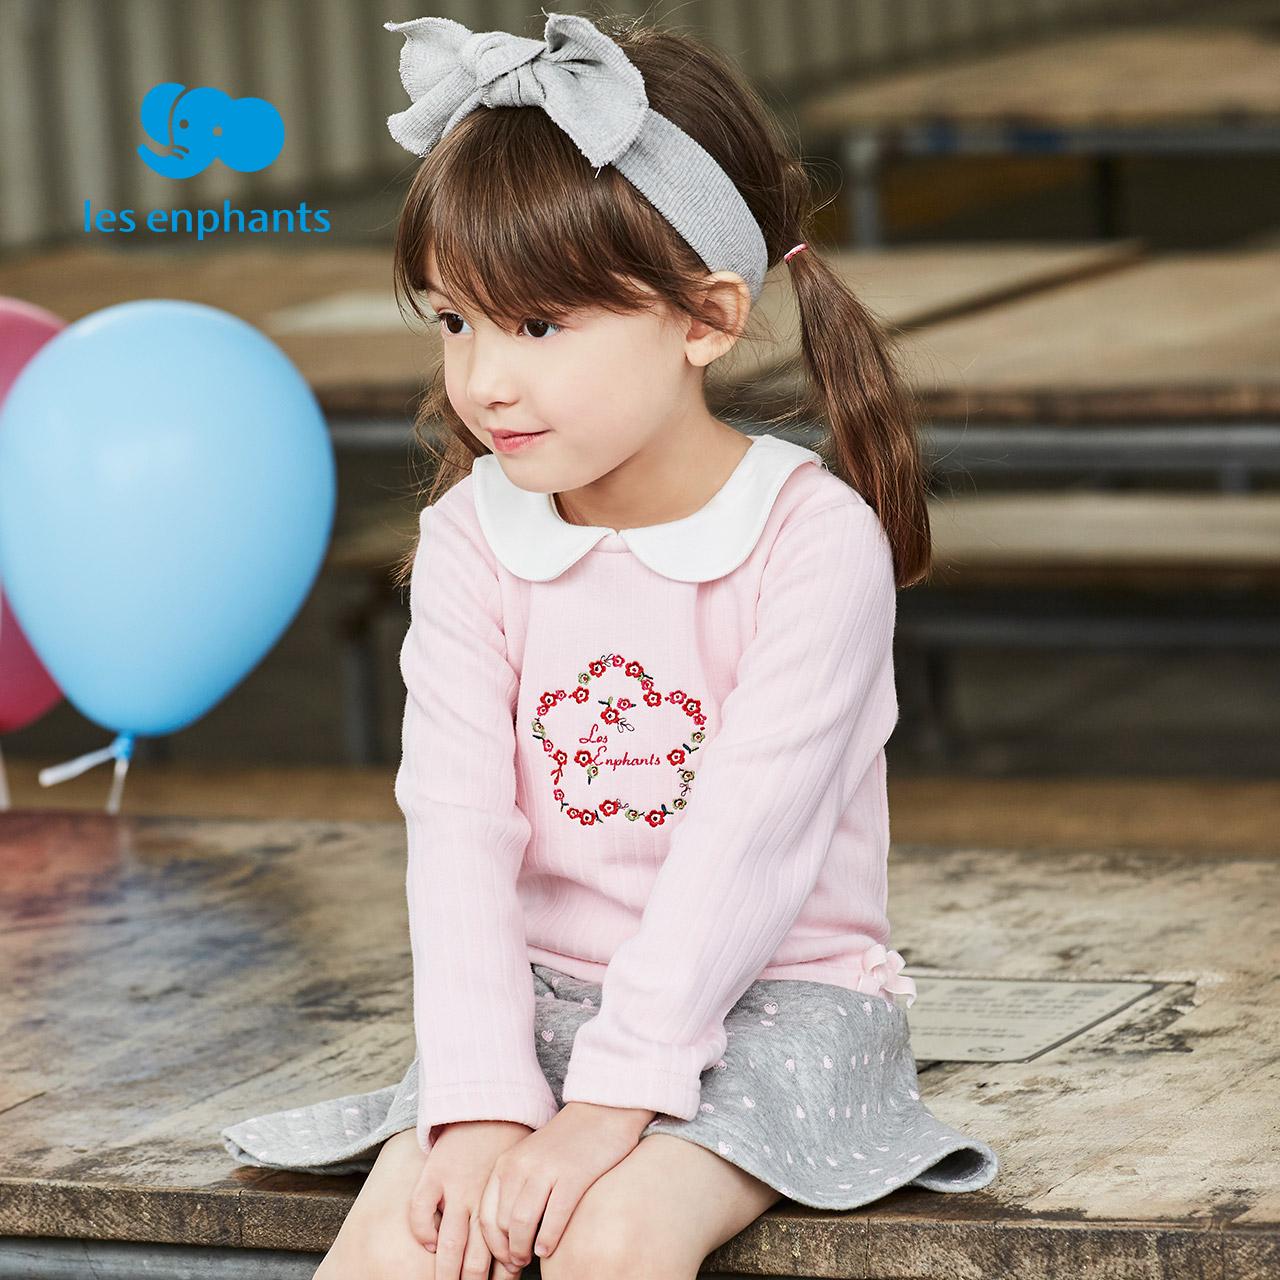 丽婴房童装宝宝针织连衣裙女童甜美可爱舒适秋季连衣裙2018新款